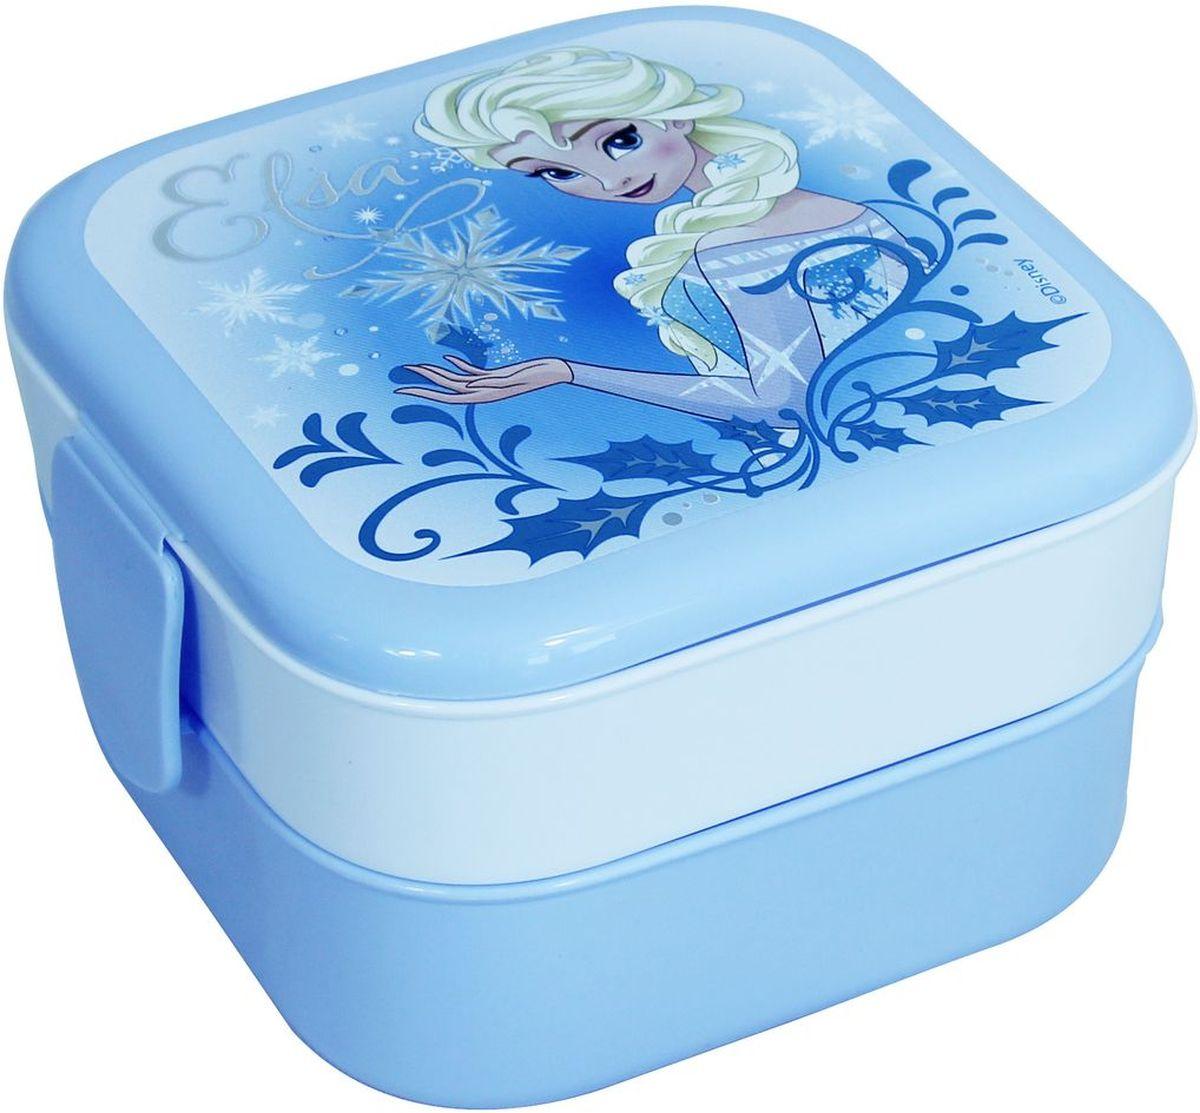 Контейнер Idea Disney. Холодное сердце, 2 секции, цвет: голубойМ 1232-Д